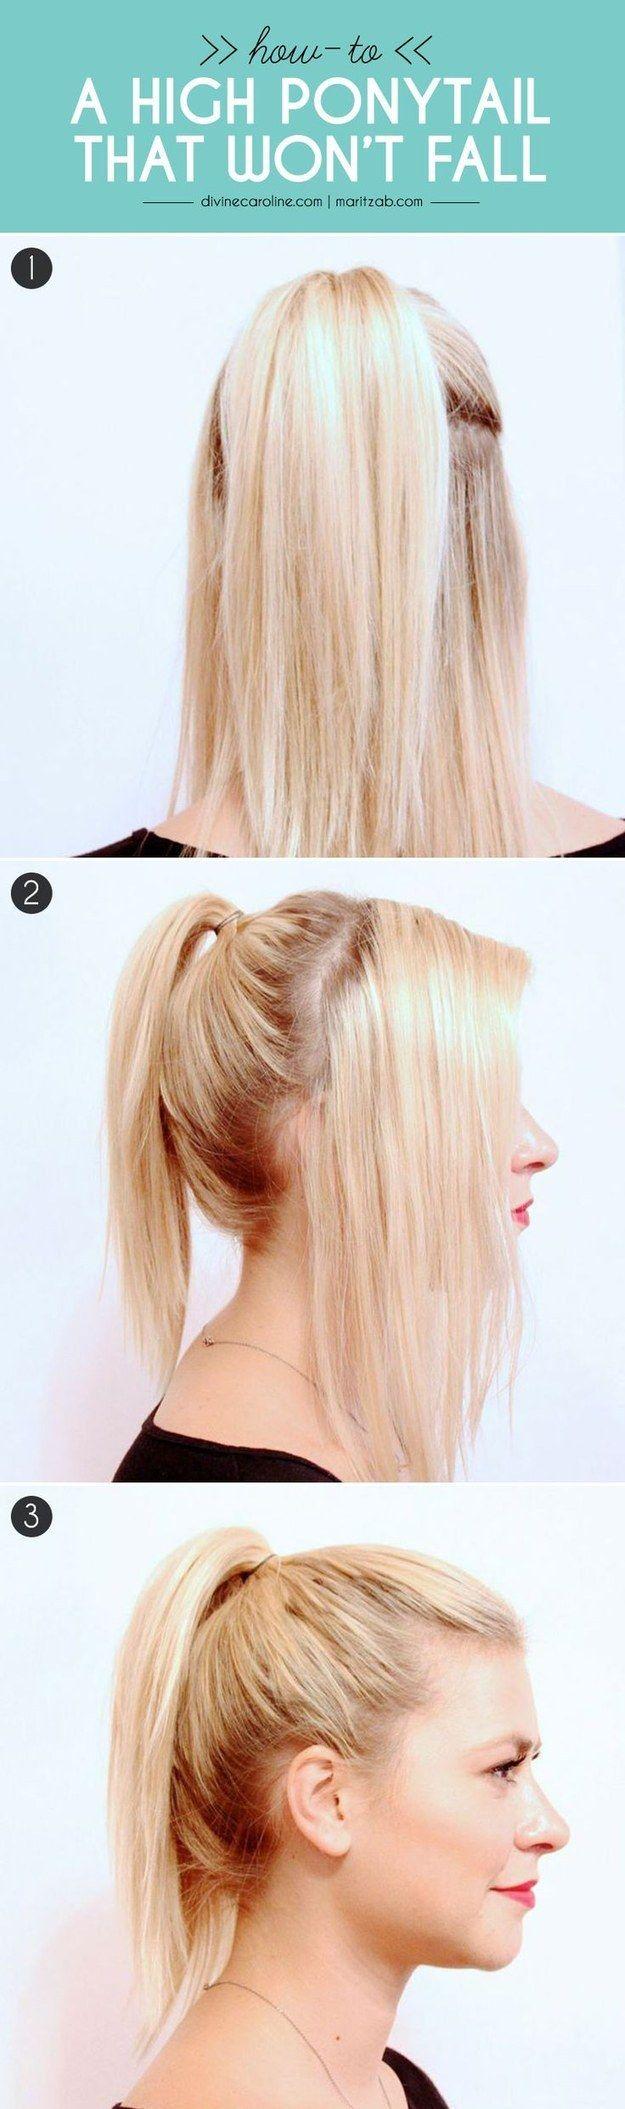 Aquí tienes una buena técnica para poner a todas esas pequeñas mechas de cabello en tu cola de caballo.   27 consejos y trucos para lograr hacer una cola de caballo perfecta